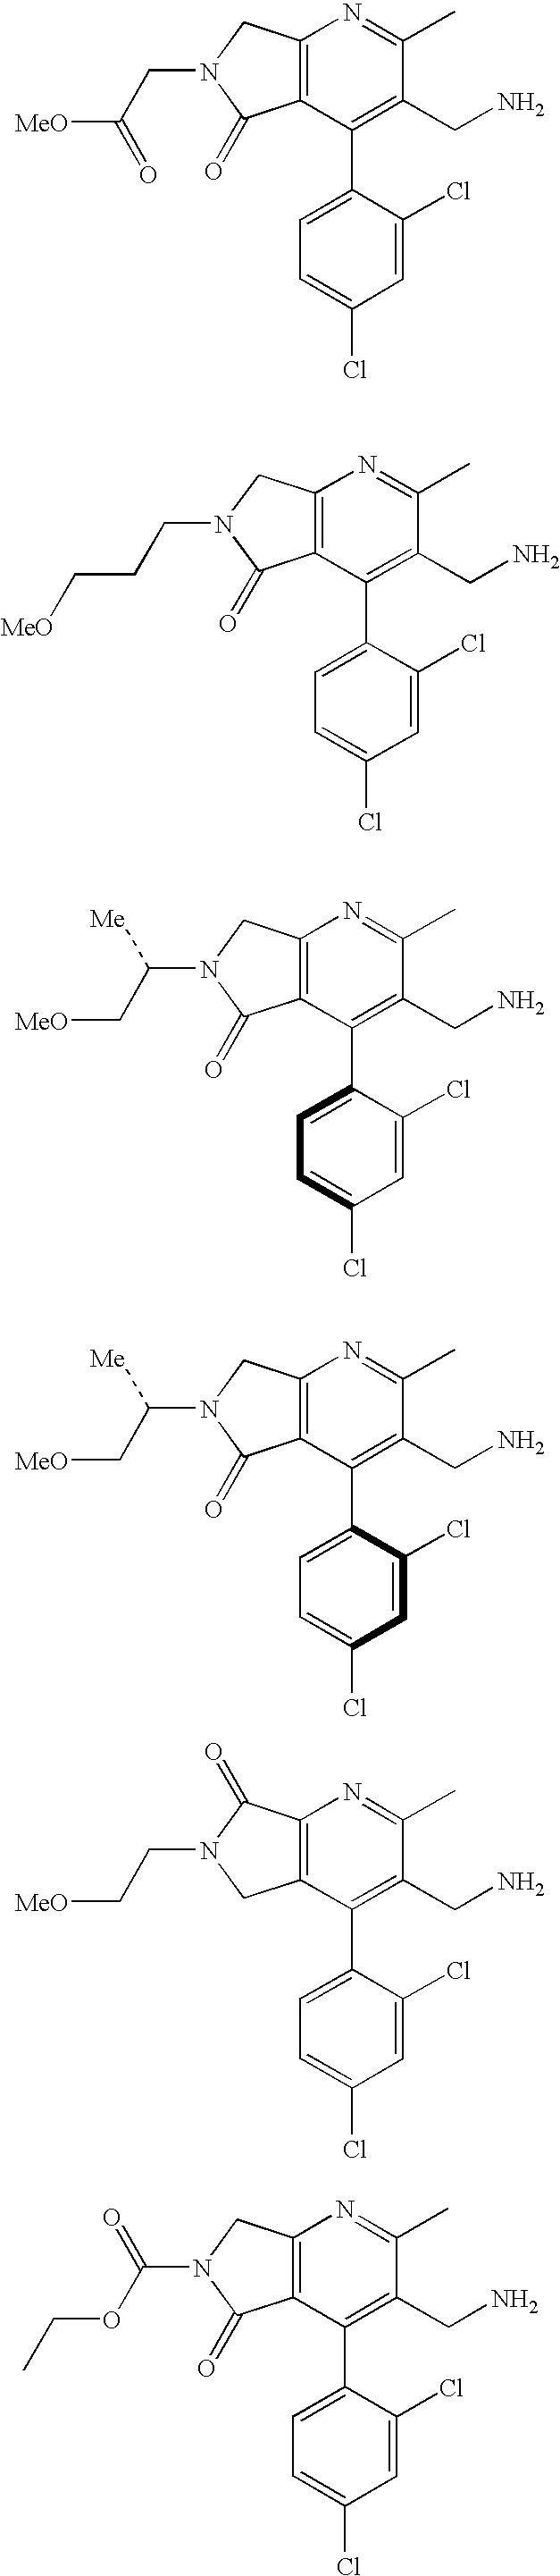 Figure US07521557-20090421-C00308